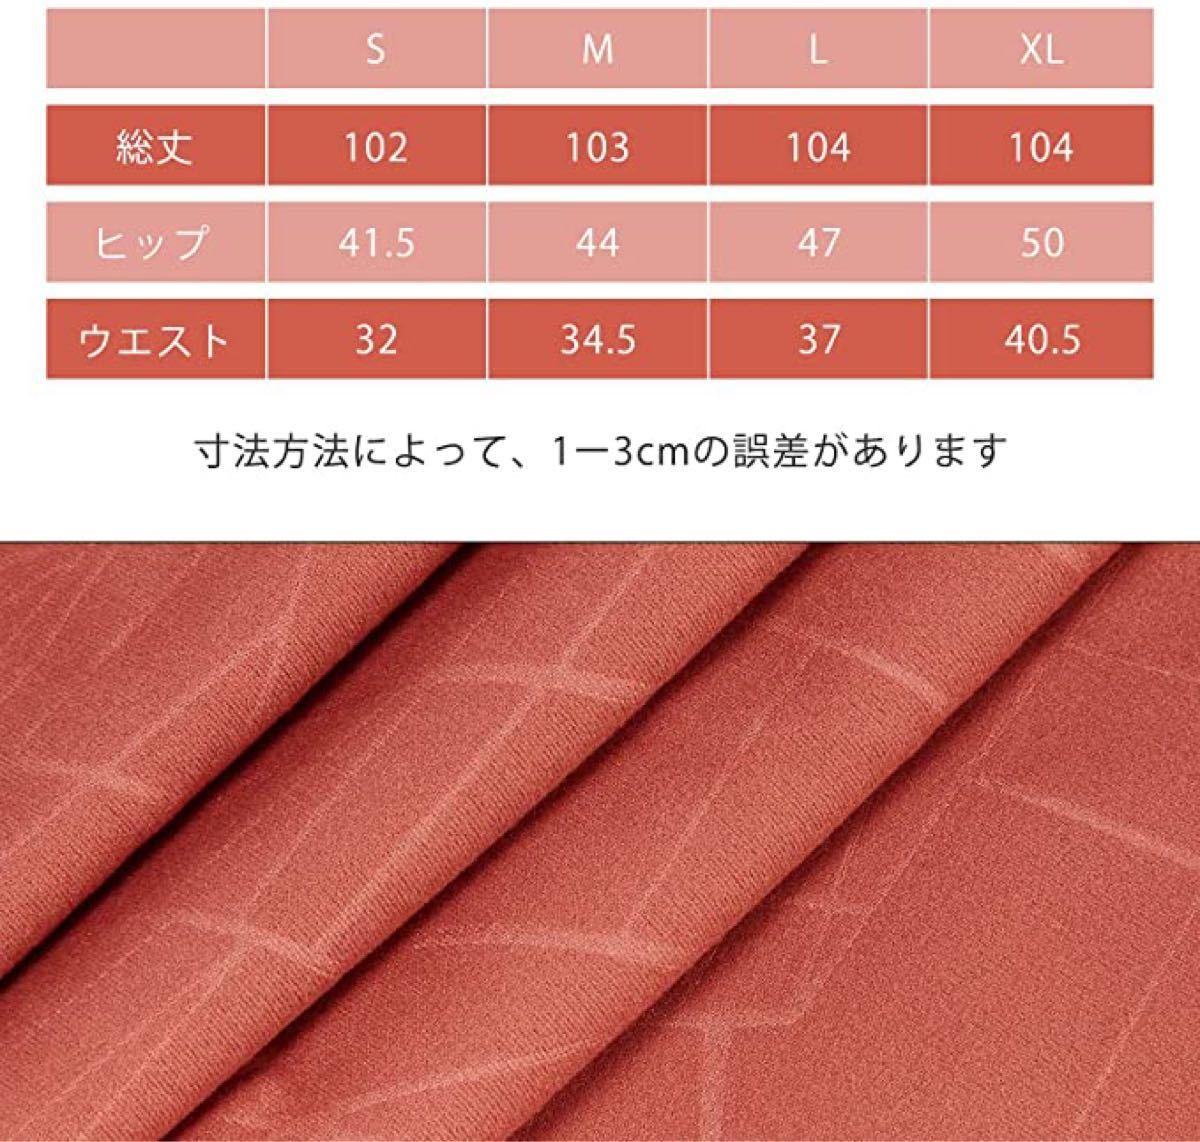 ヨガパンツ レディース スポーツウェア【オレンジ/Mサイズ】